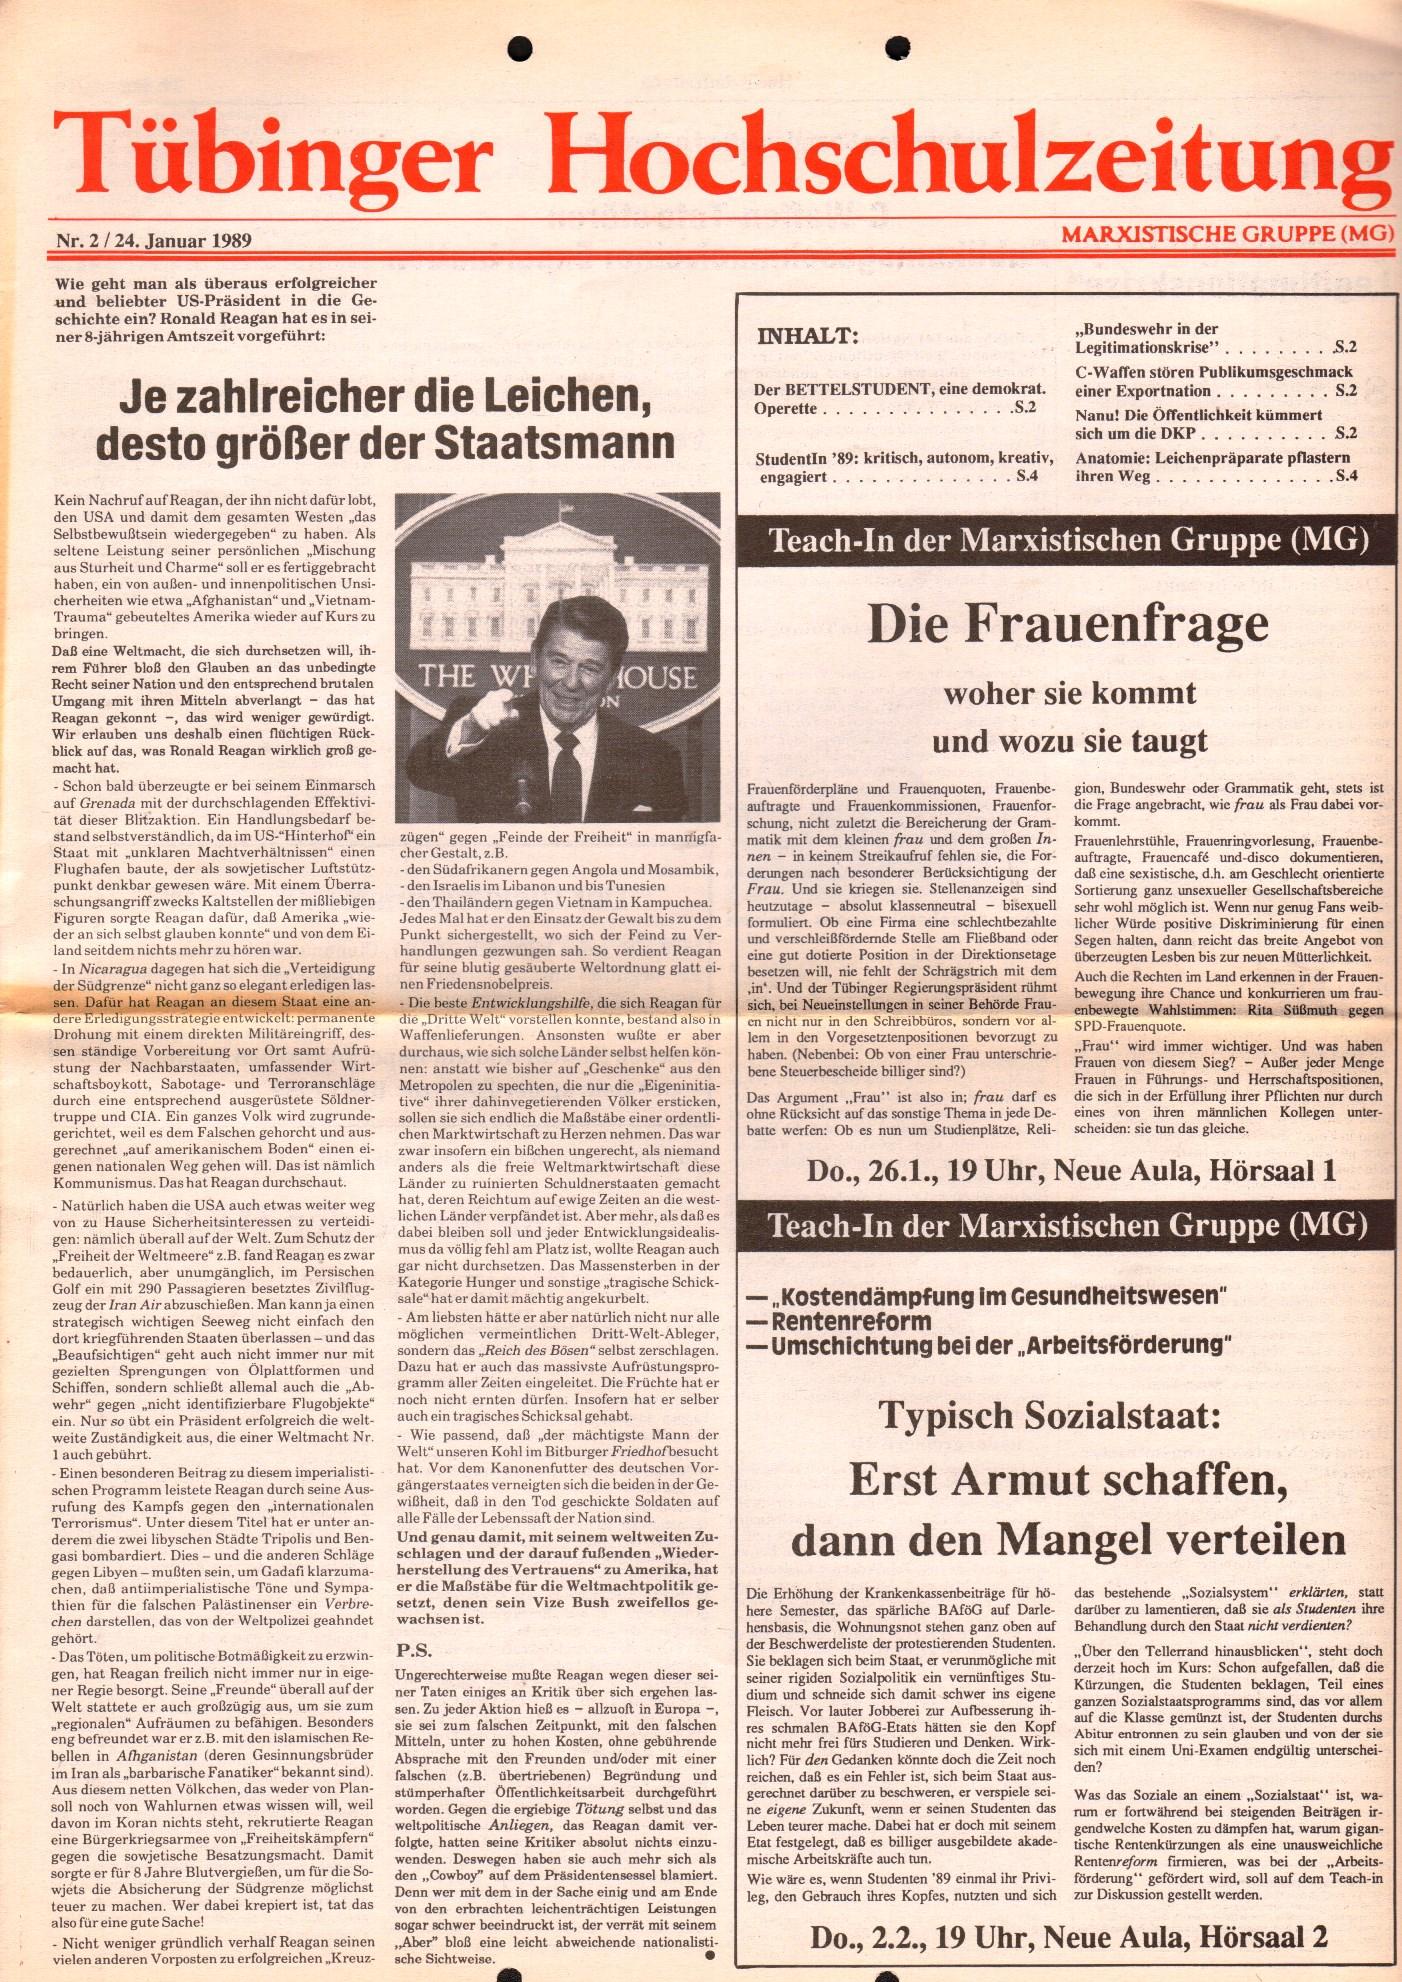 Tuebingen_MG_Hochschulzeitung_1989_02_01